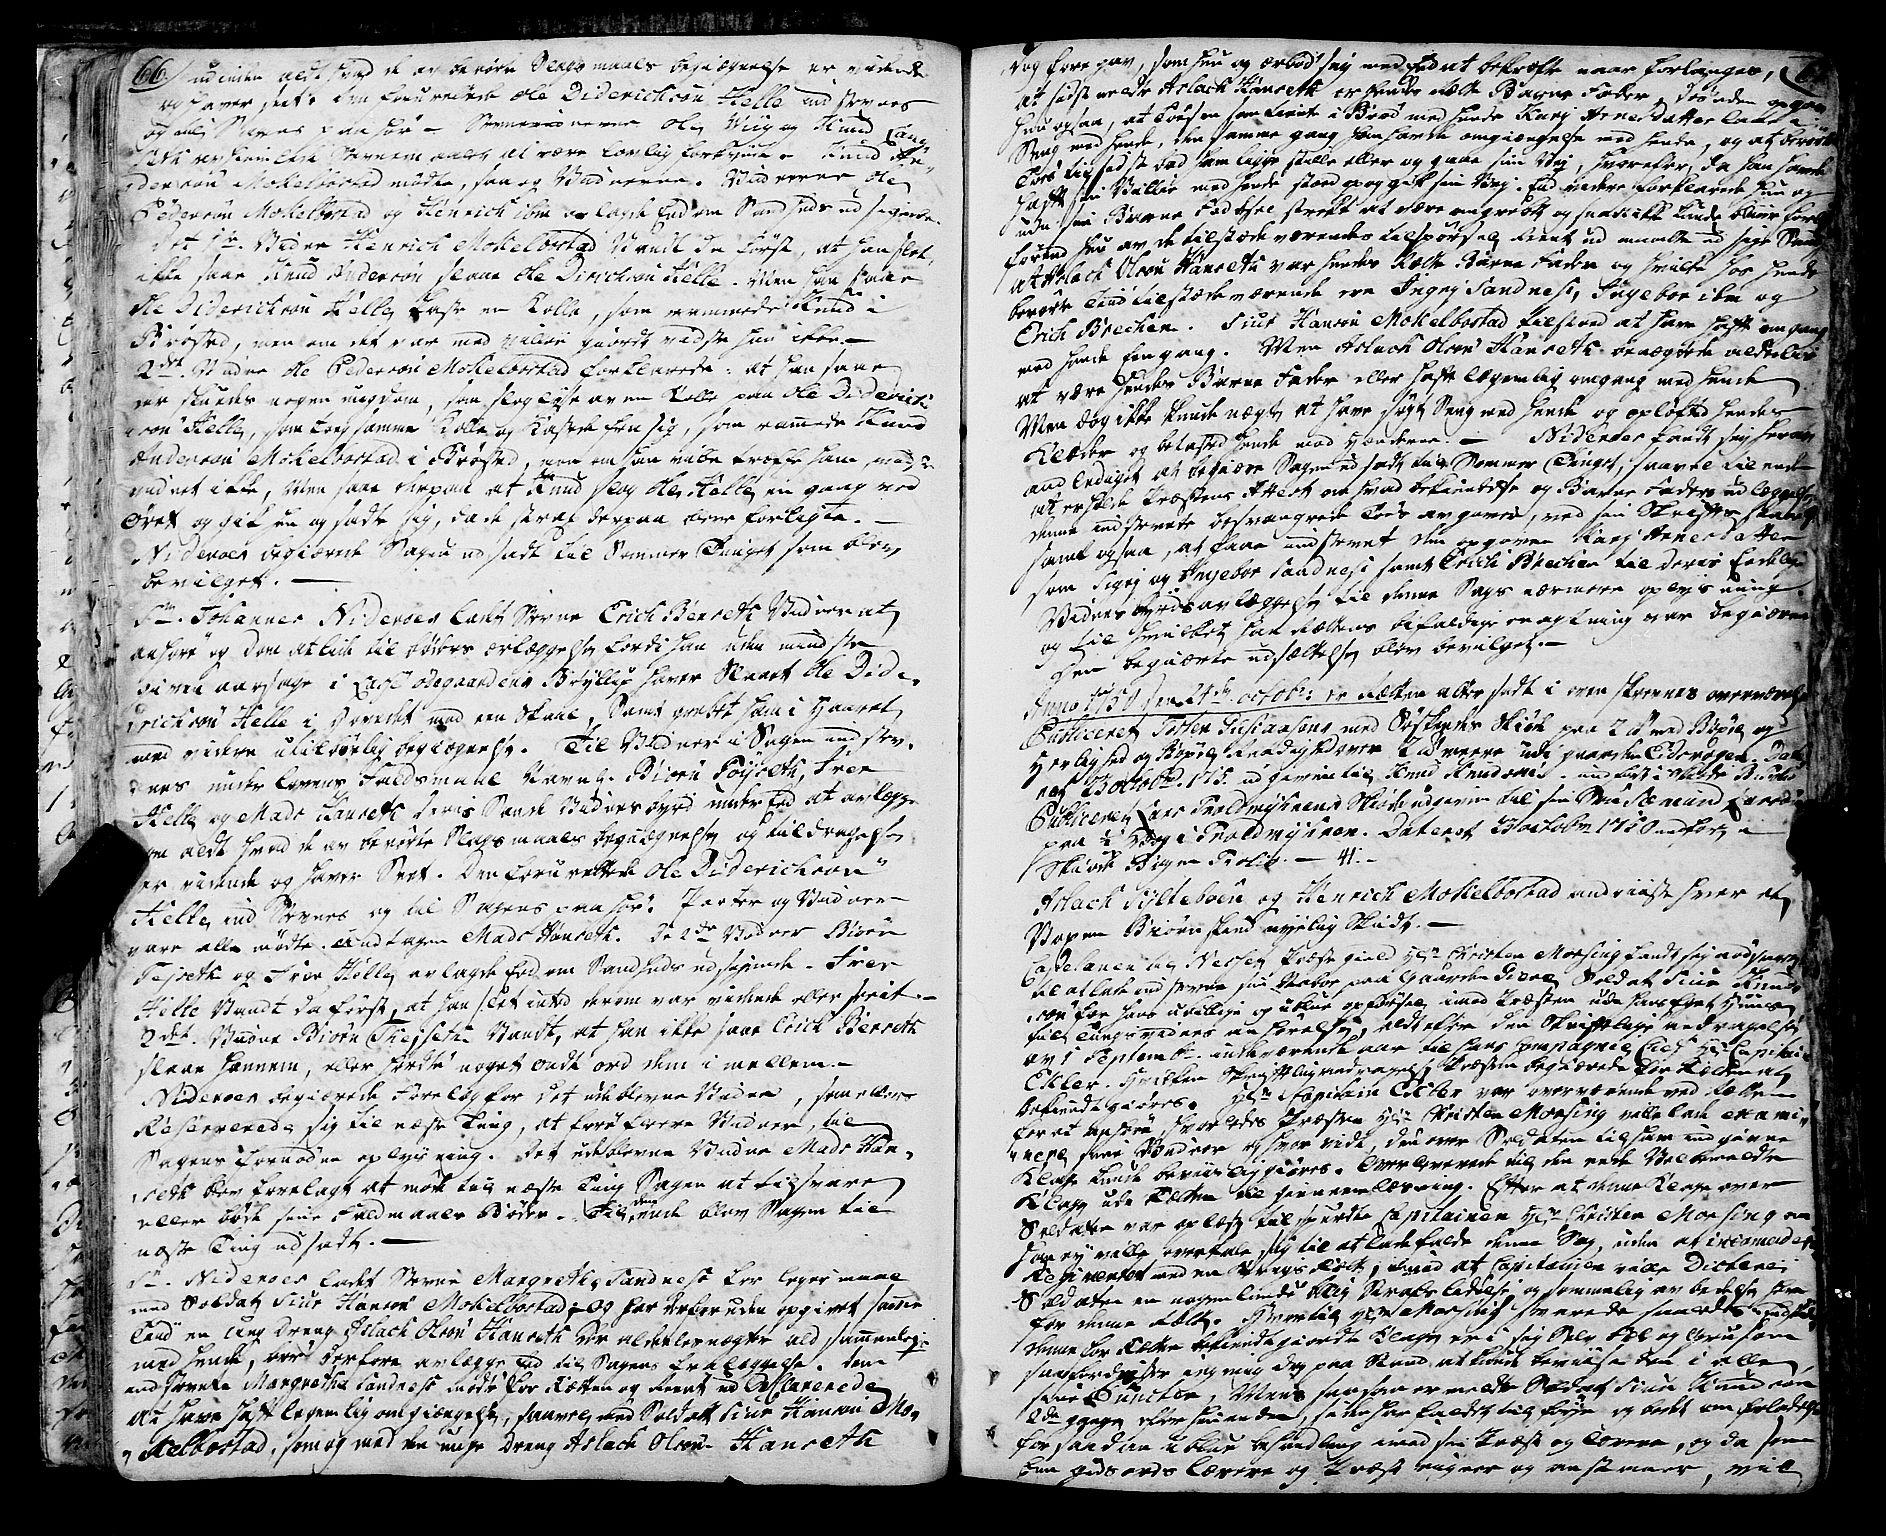 SAT, Romsdal sorenskriveri, 1/1A/L0013: Tingbok, 1749-1757, s. 66-67